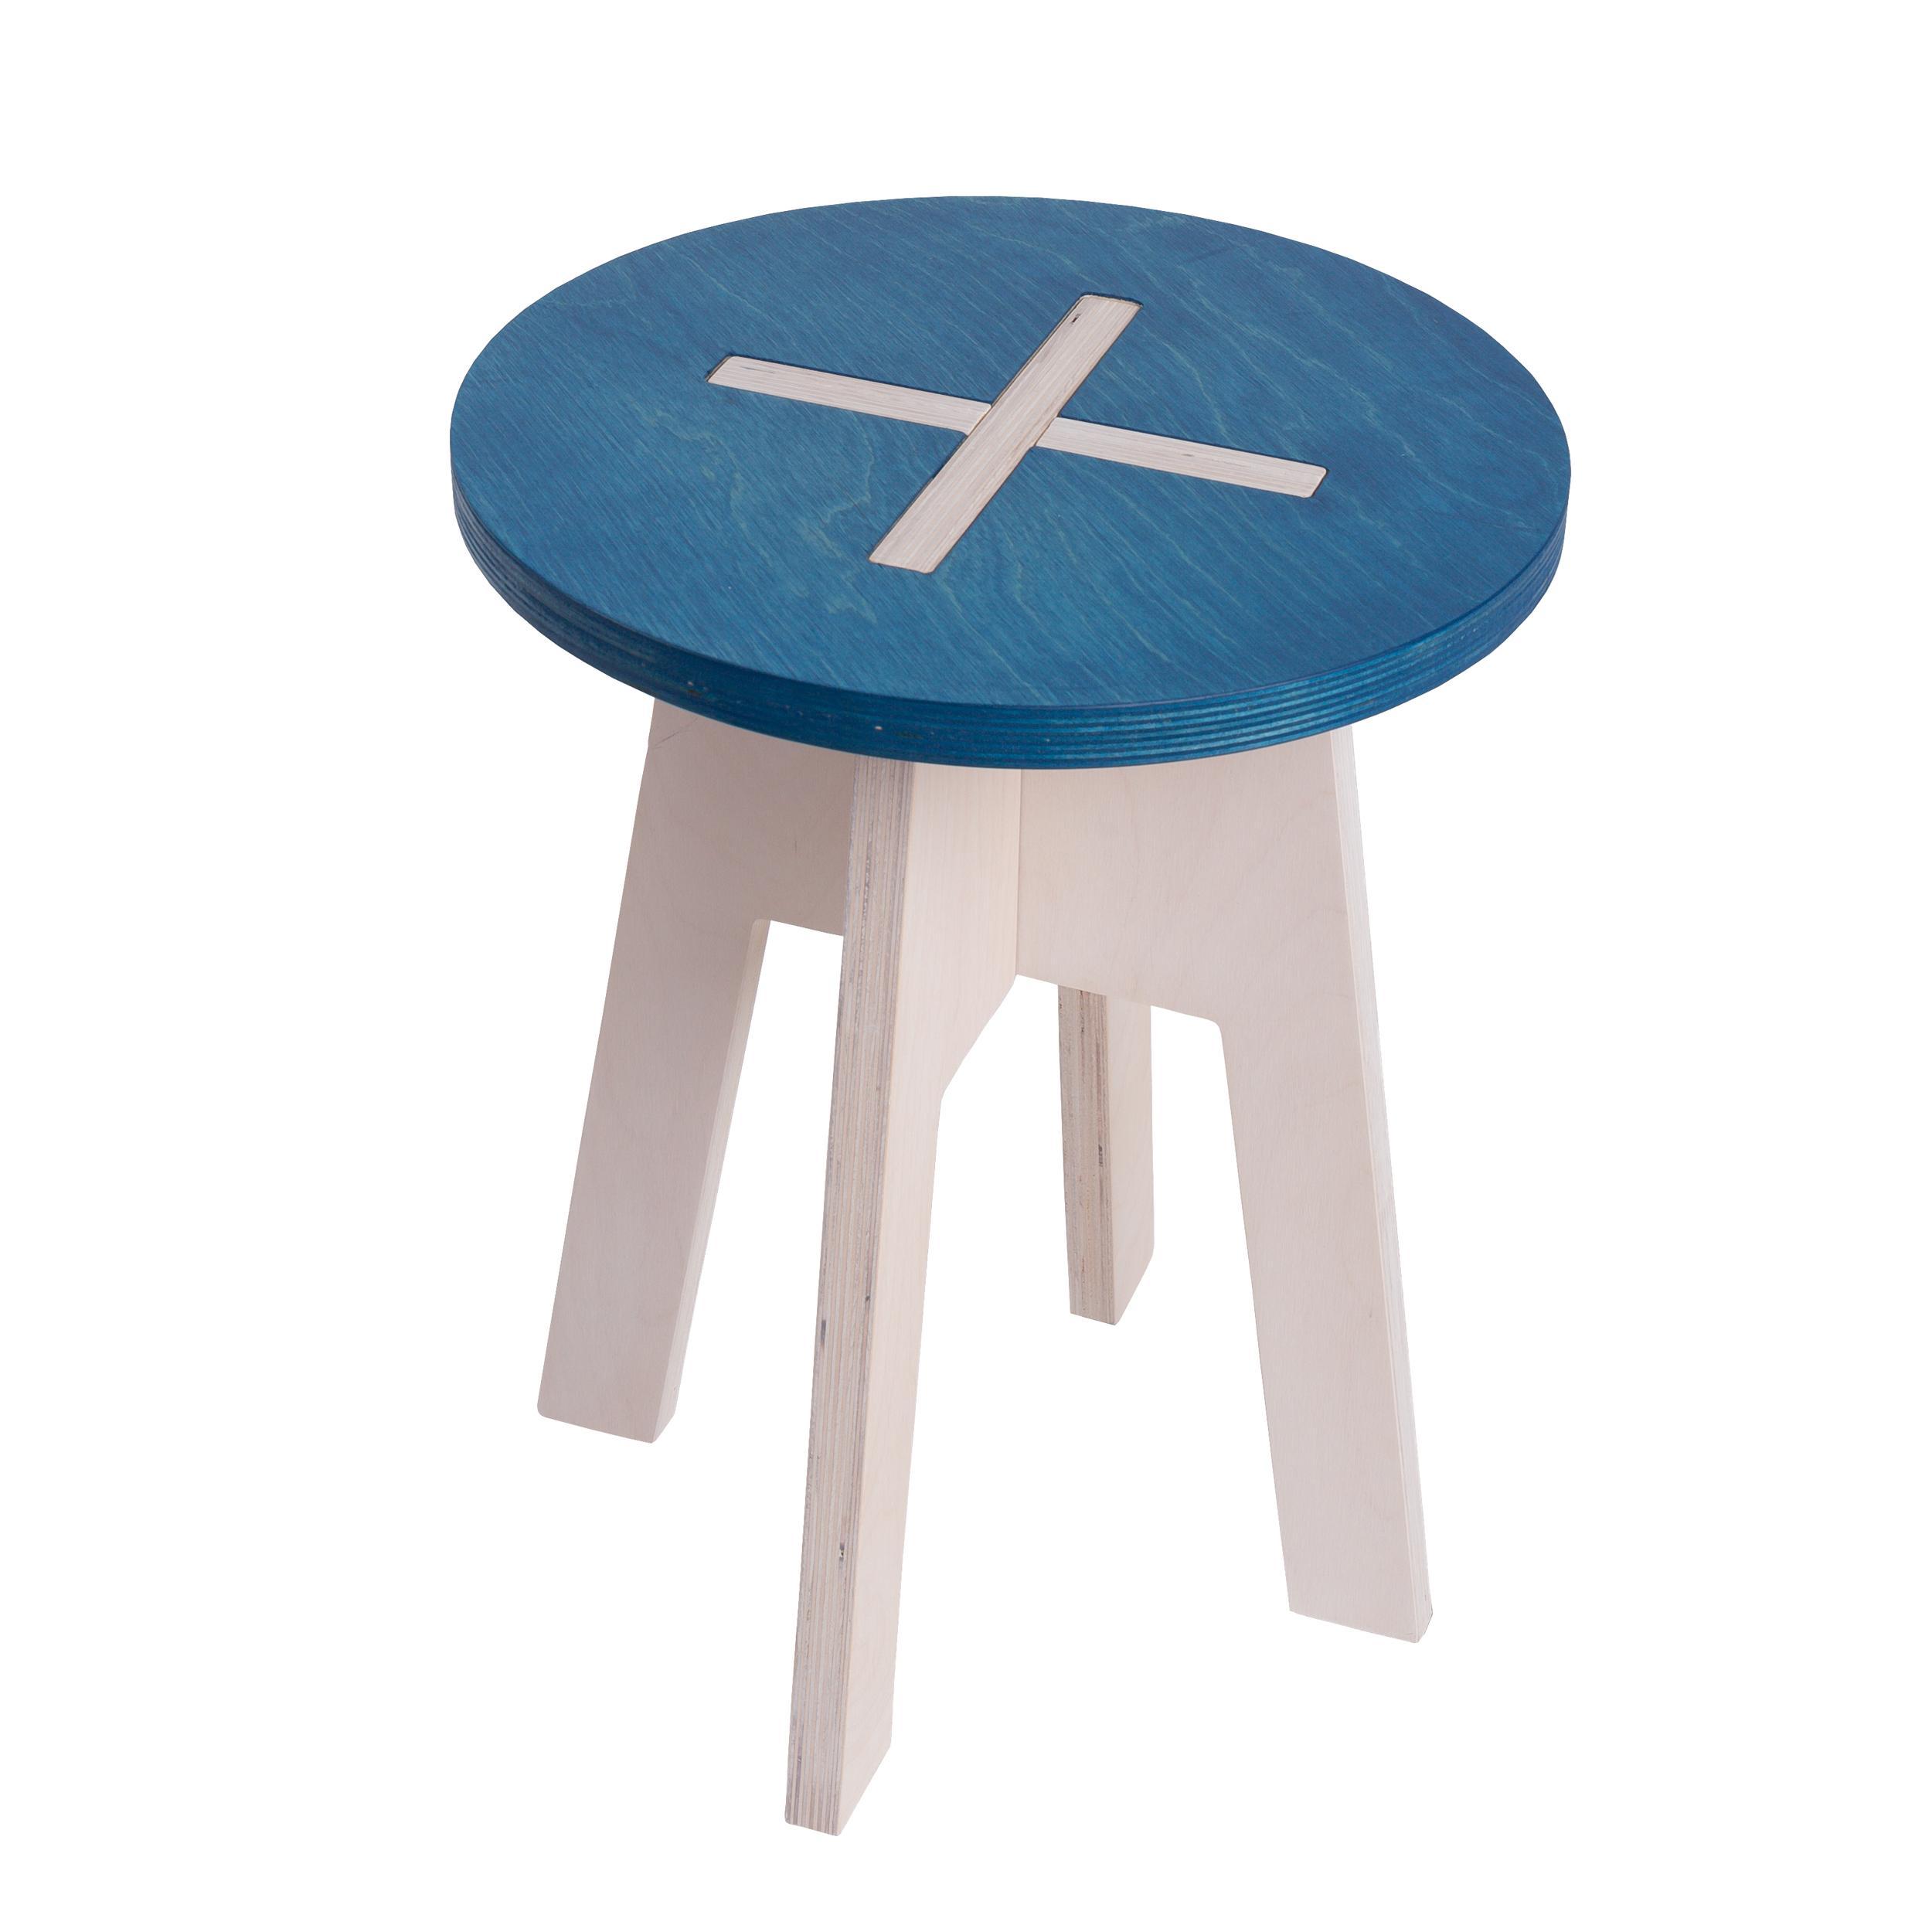 hocker rund aus holz blau wei. Black Bedroom Furniture Sets. Home Design Ideas